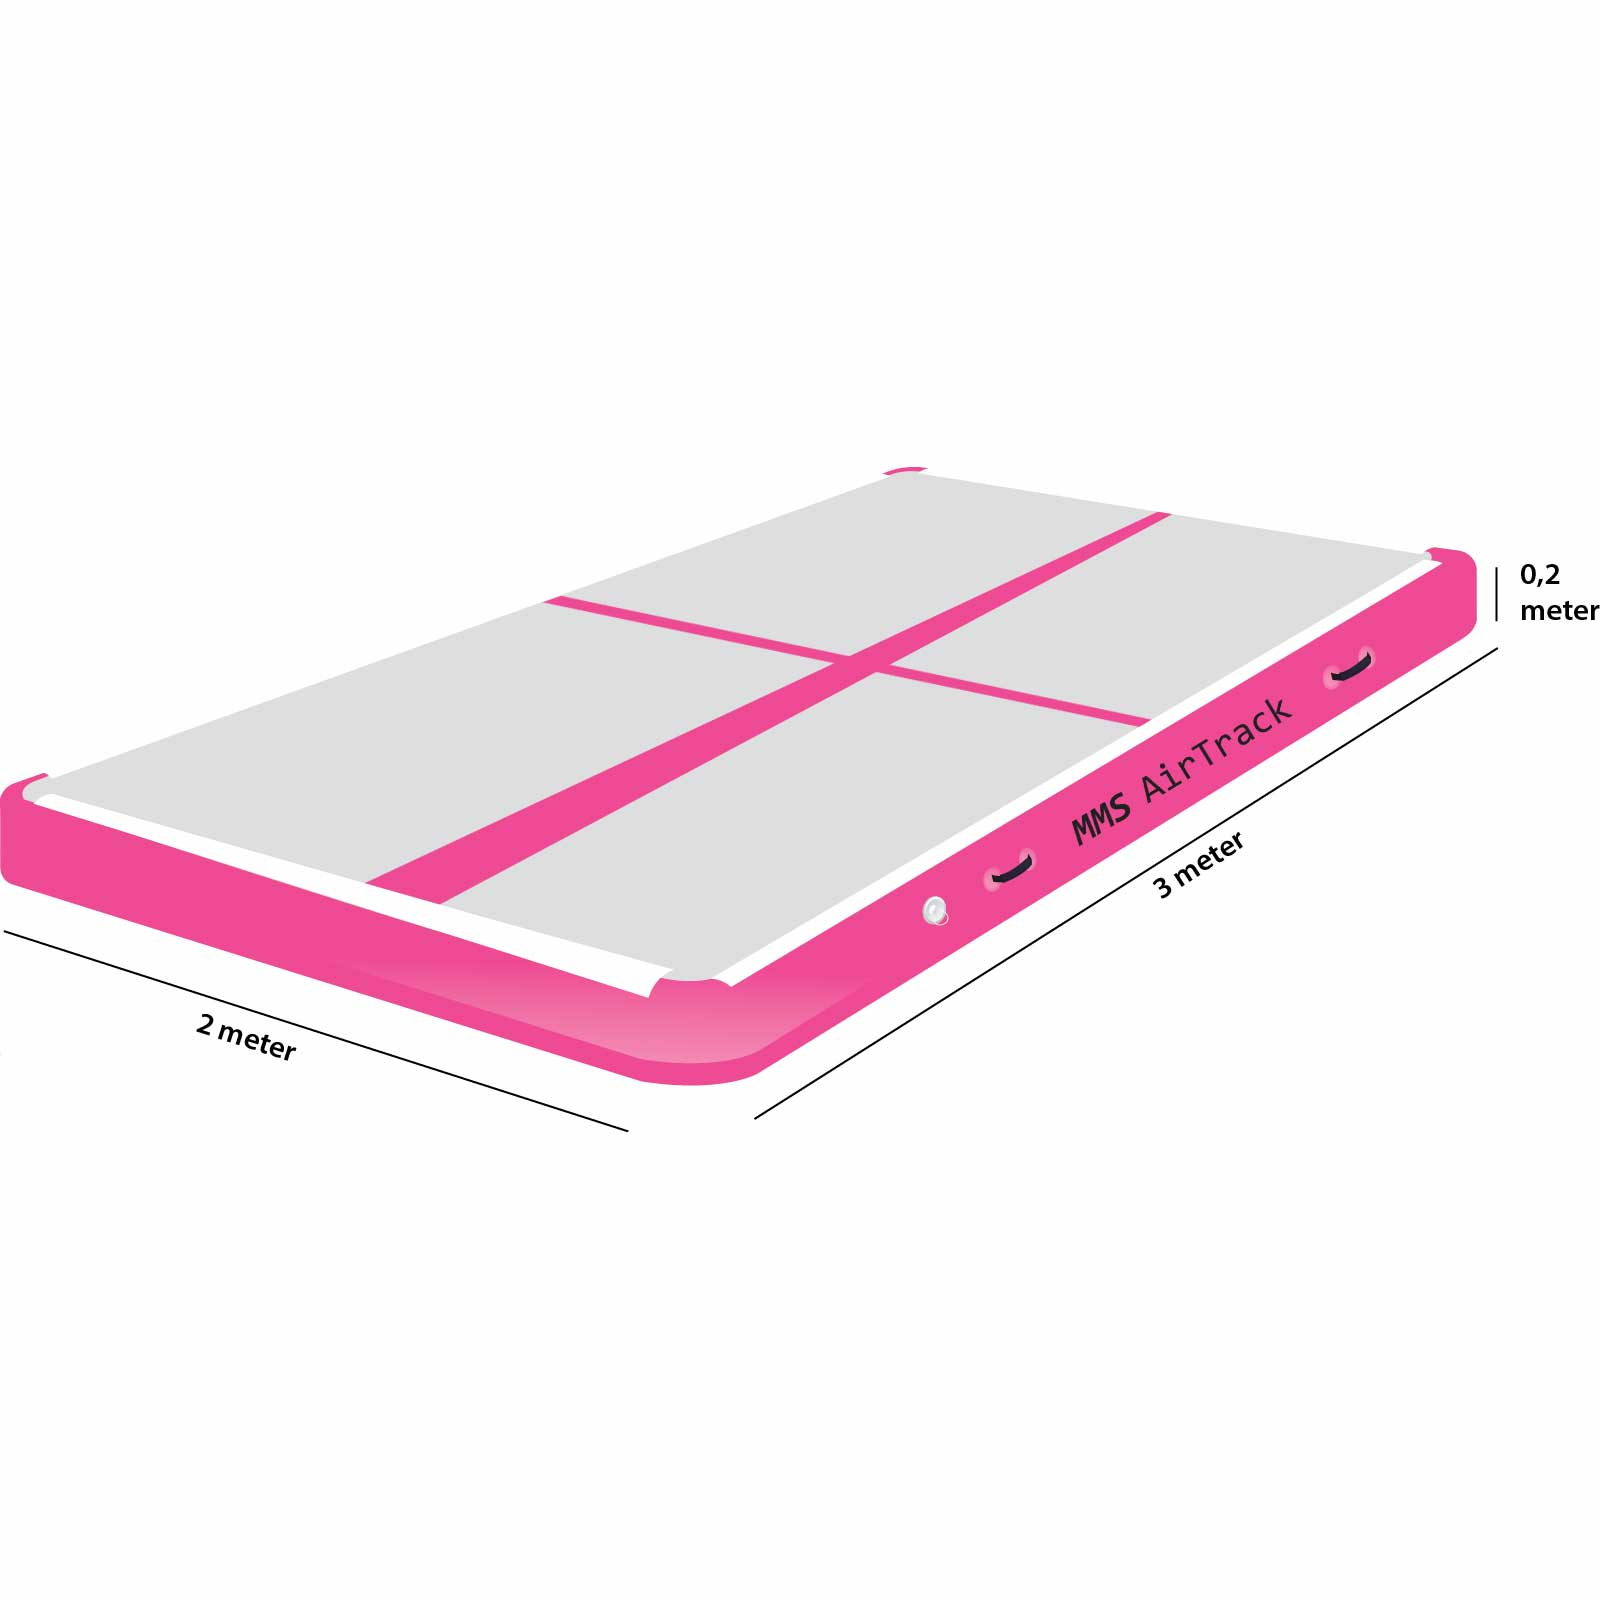 Airtrack 3 meter x 2 x 0,2 roze